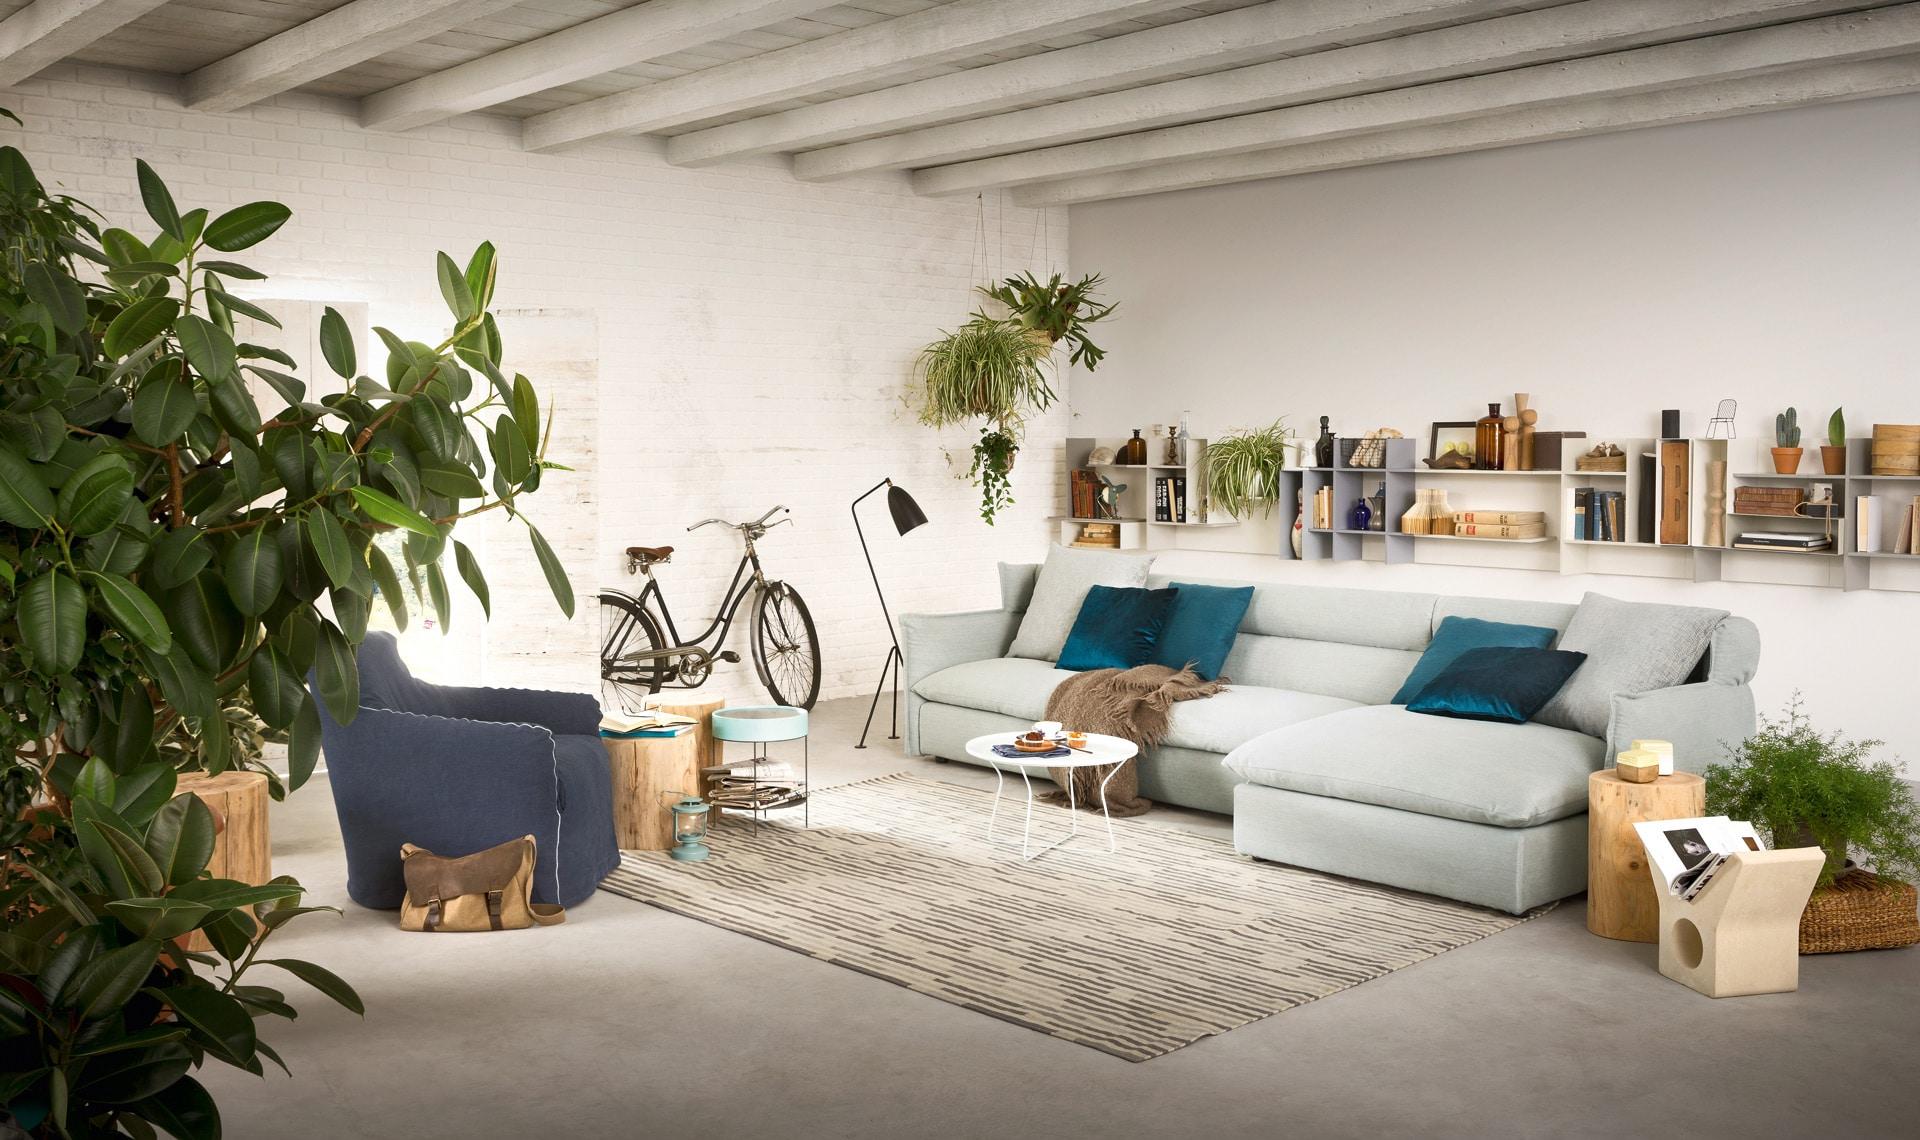 Mueble de tapicería clásica